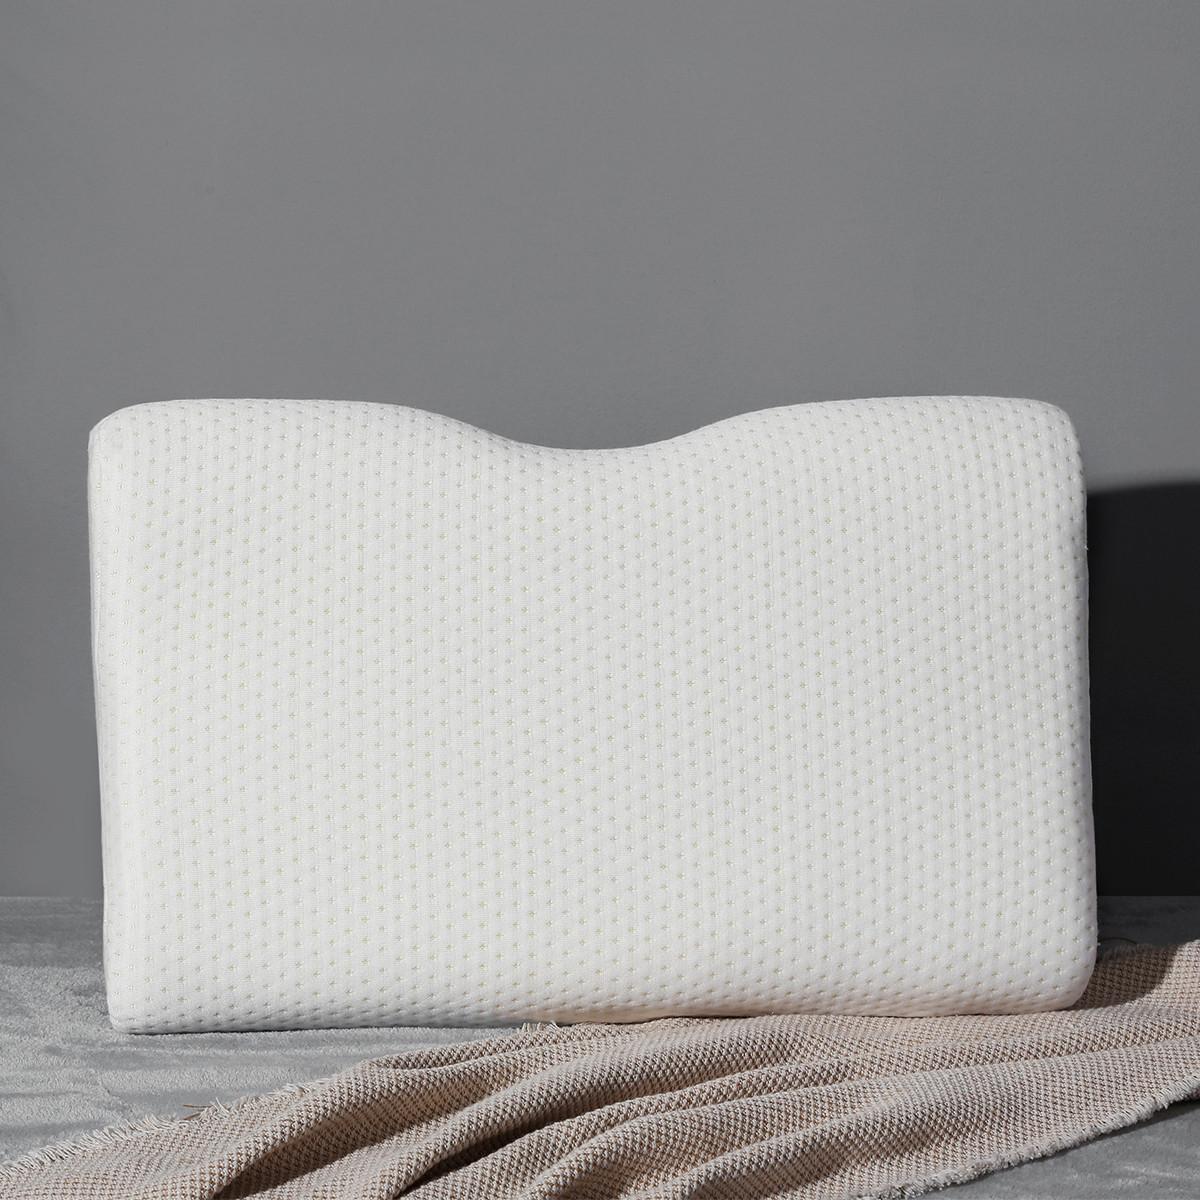 Ramada成人慢回弹呵护睡眠记忆枕枕套可拆洗床上用品护颈椎枕头枕芯枕头COLOR白色